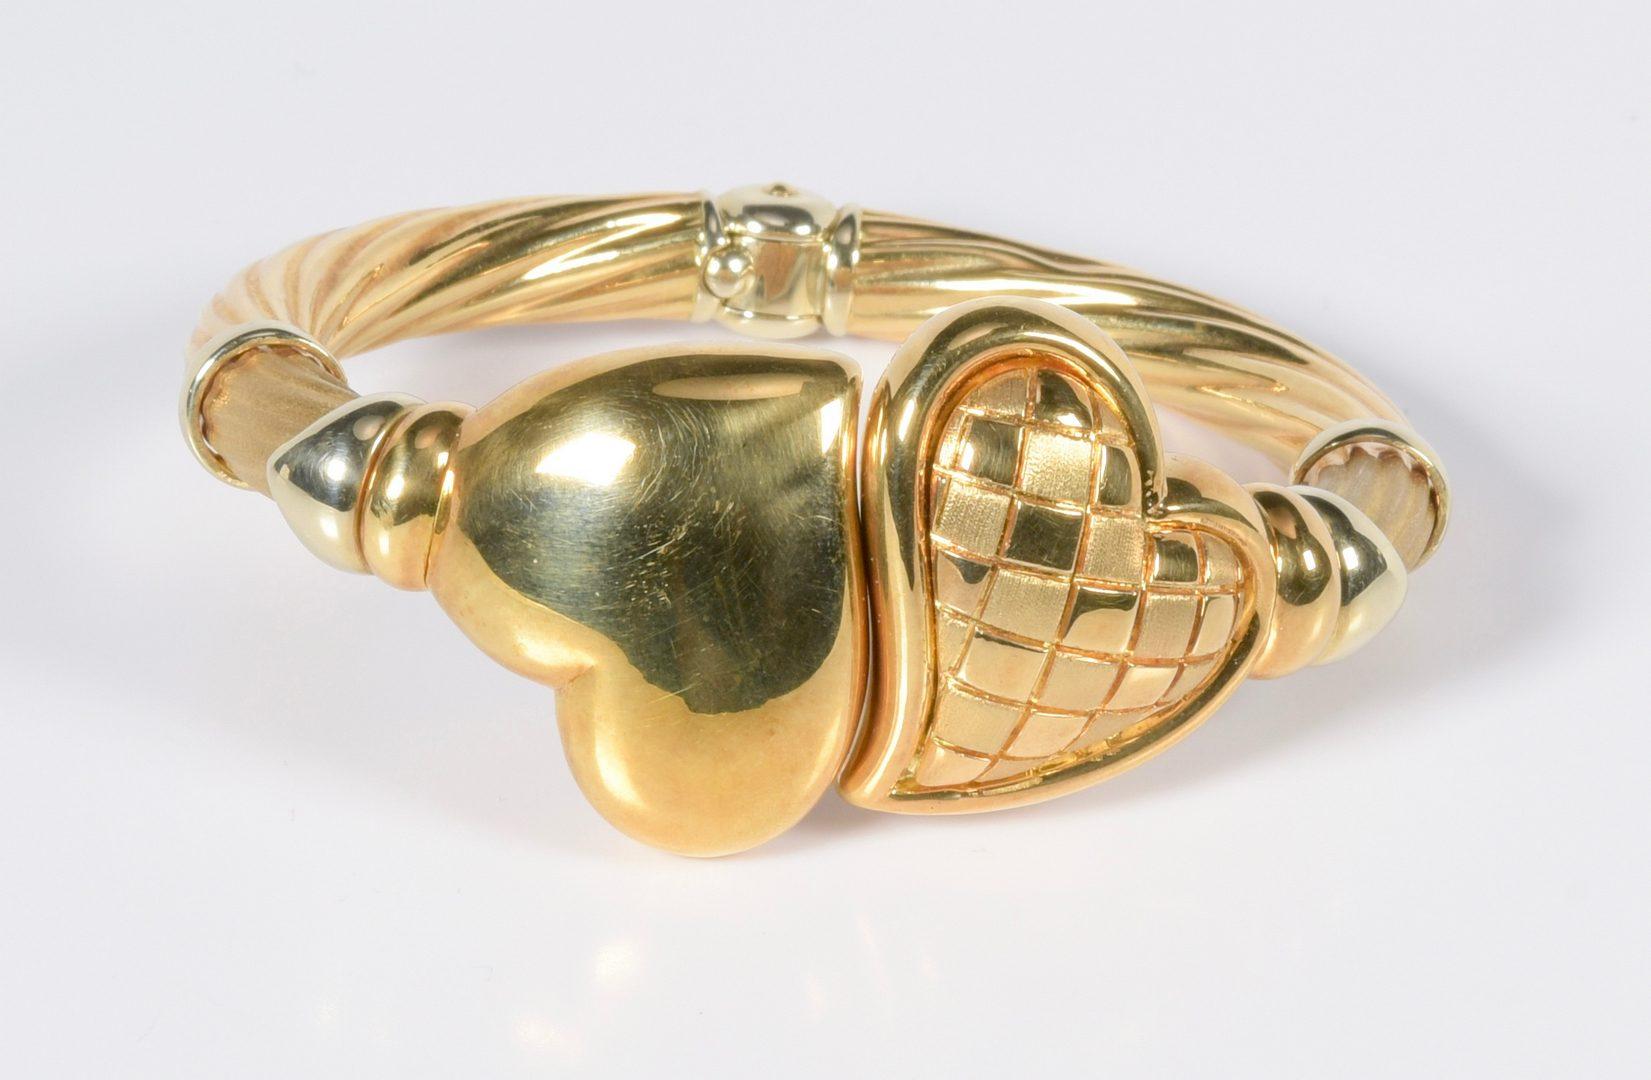 Lot 791: 18K Italian Heart Bangle Bracelet, 37.7 grams